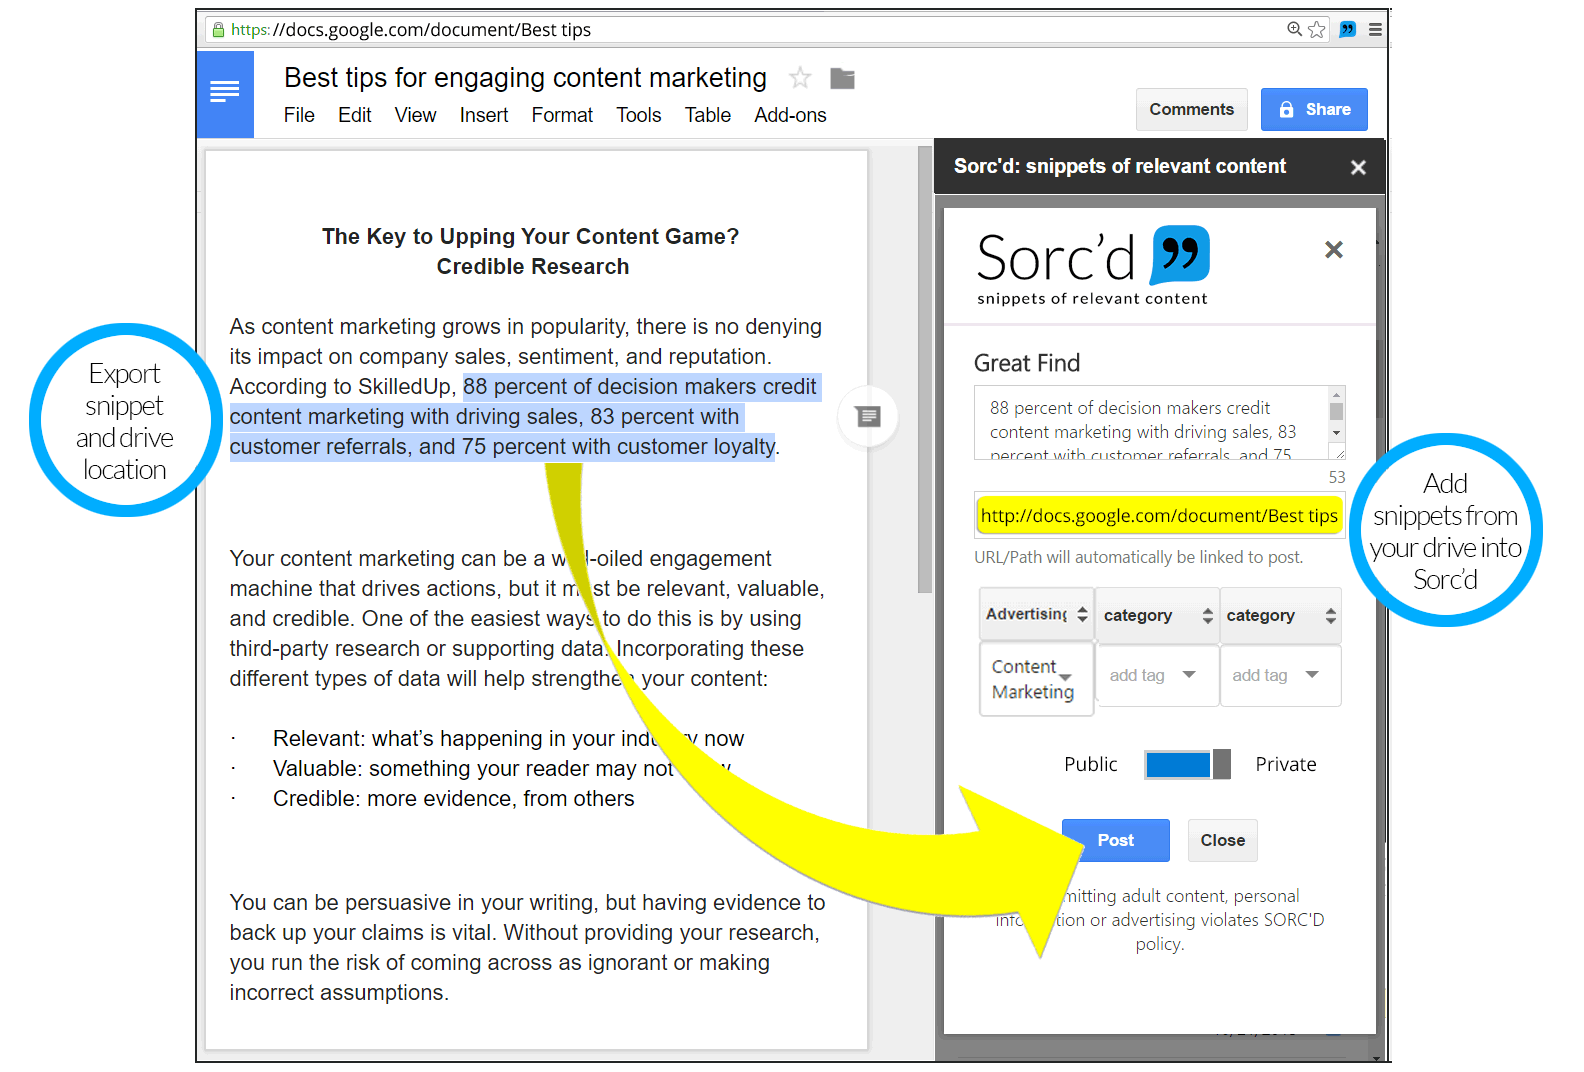 Exporting-in-Google-Docs_1200-pixels-wide_plus-yellow-arrow.png